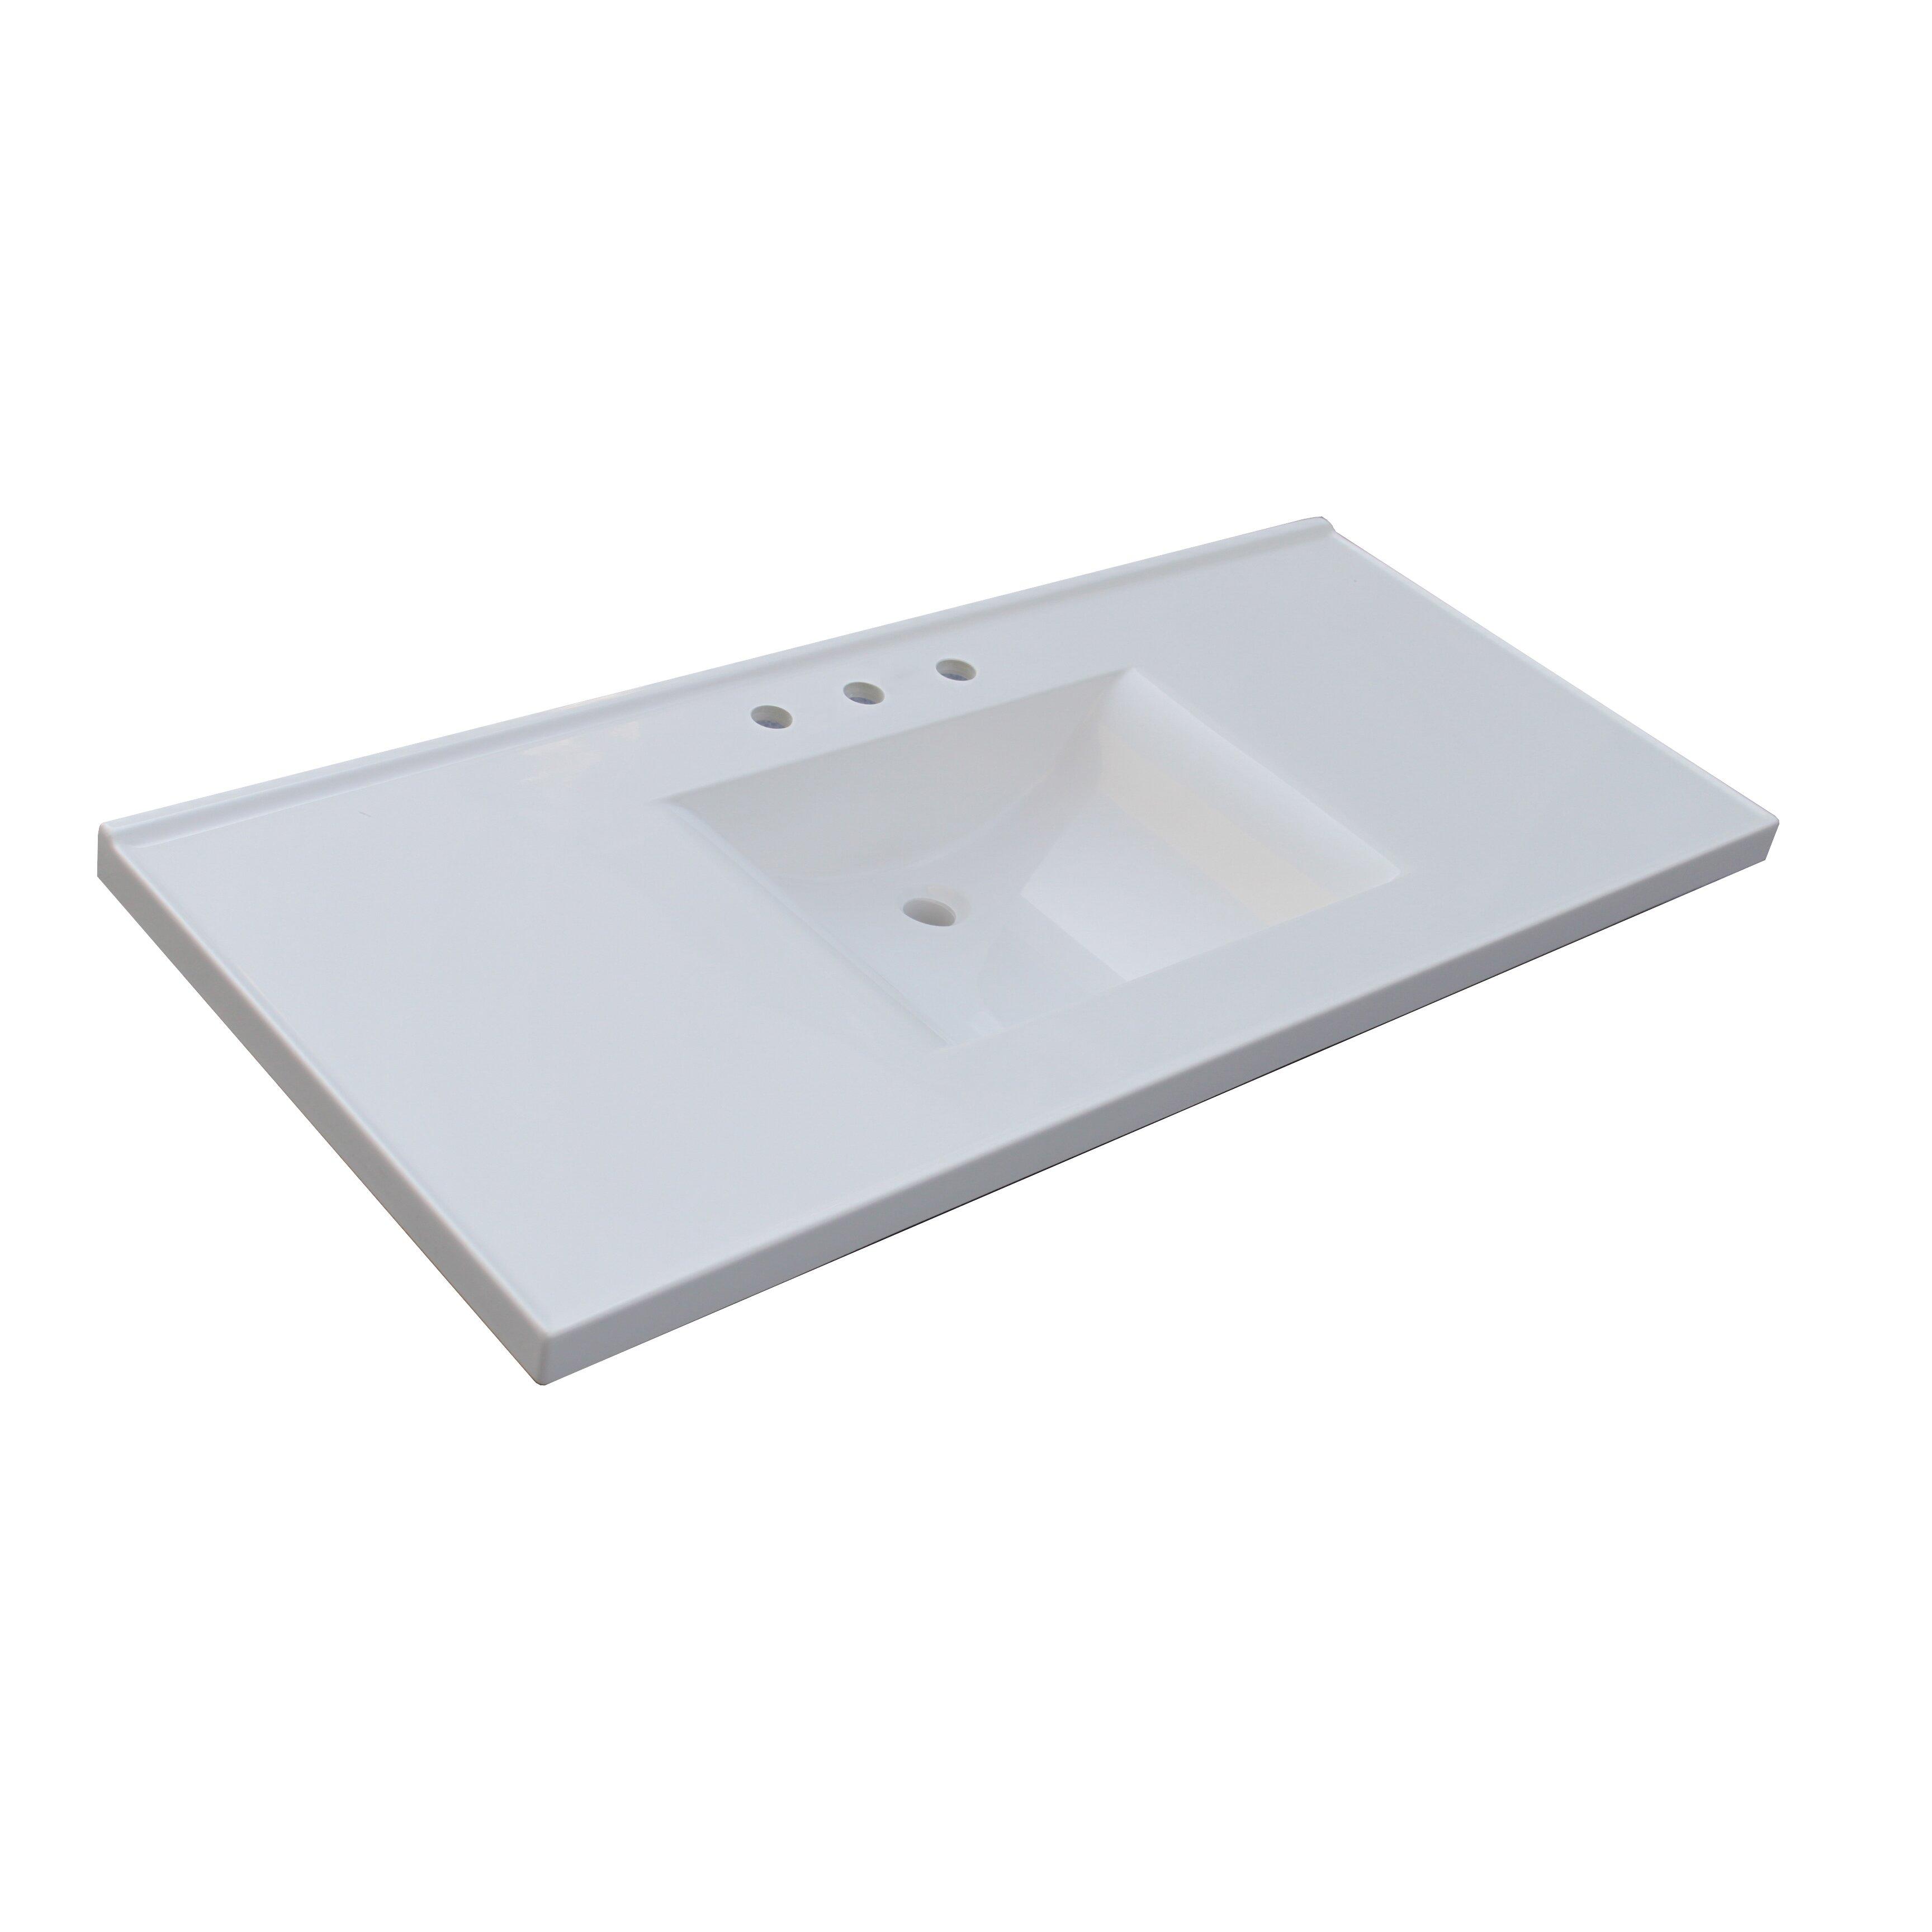 Premier tops 49 bathroom vanity top with integrated basin - Cultured marble bathroom vanity tops ...